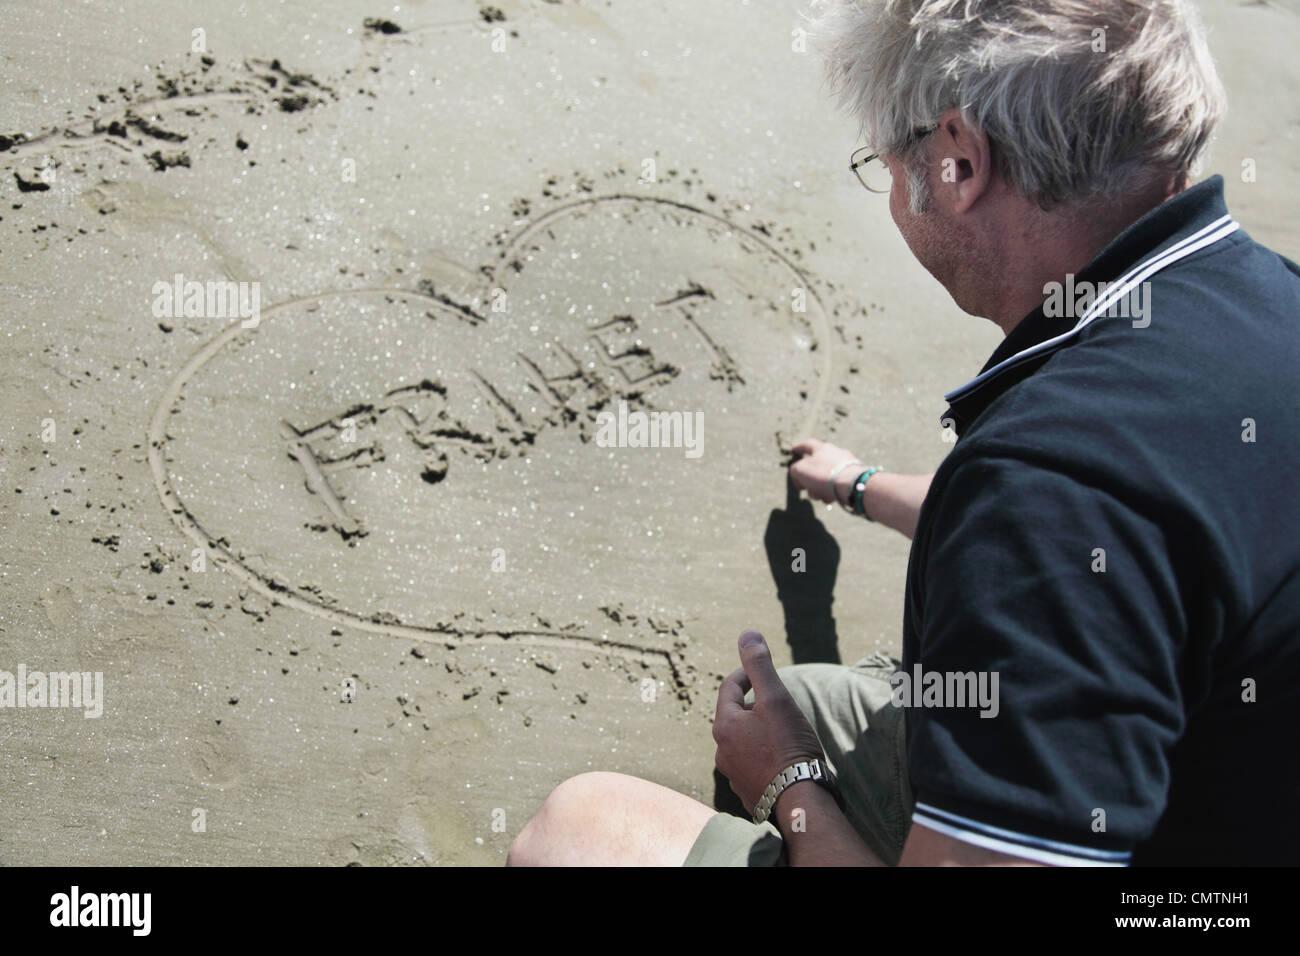 Un alto ángulo de visión del hombre corazón dibujo sobre arena. Imagen De Stock